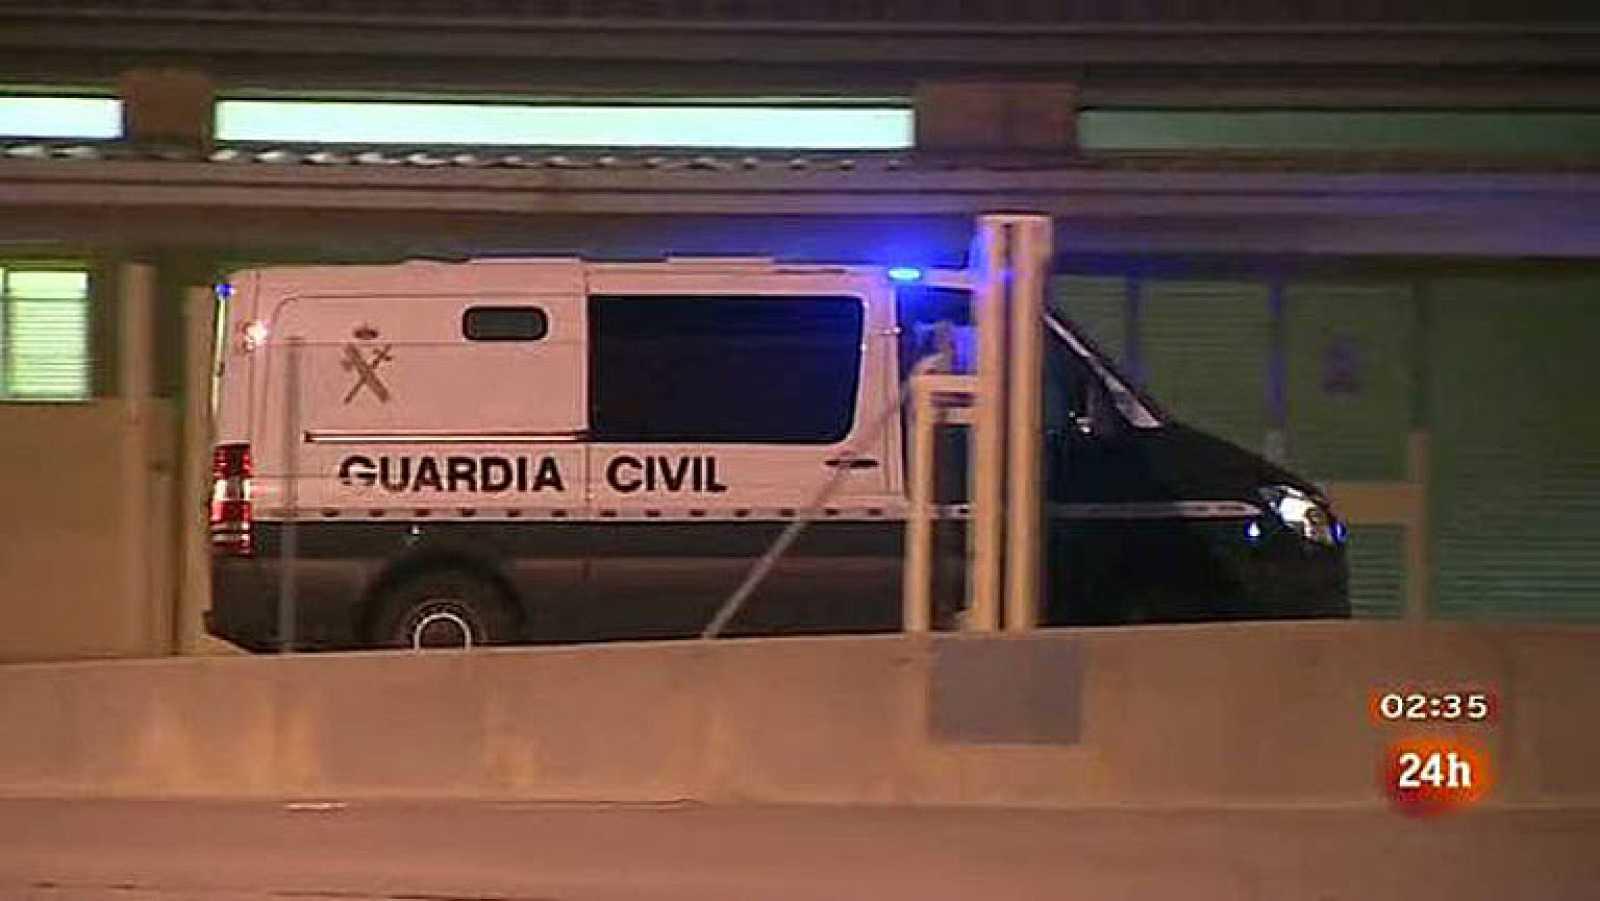 Gerardo Díaz Ferrán y otros seis imputados ingresan en prisión acusados de varios delitos en la 'operación Crucero'